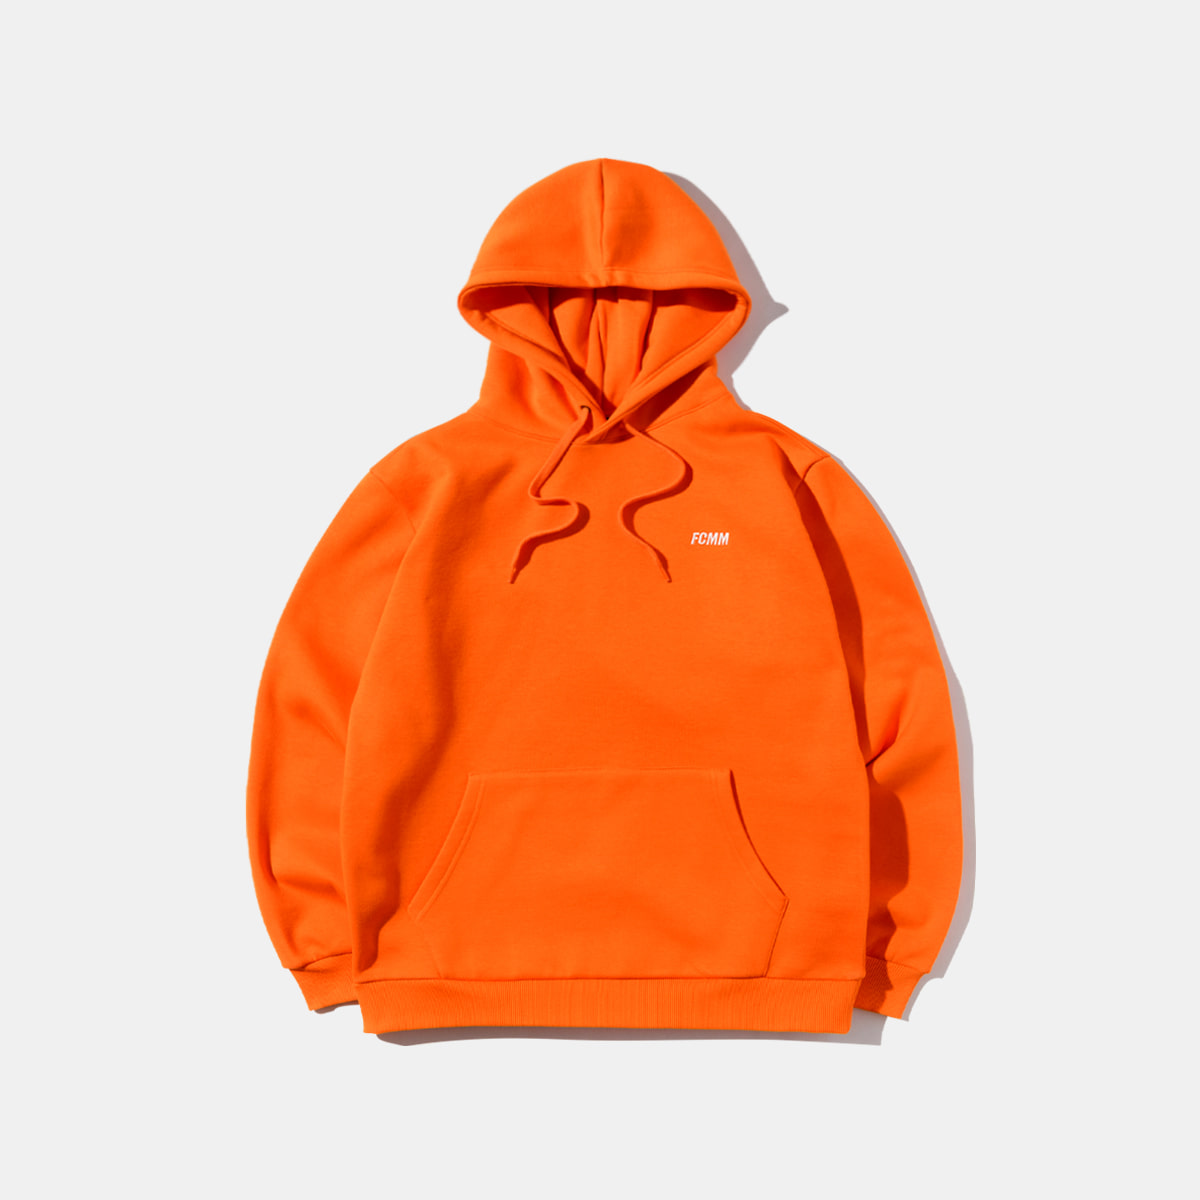 클럽 에센셜 후드 - 오렌지